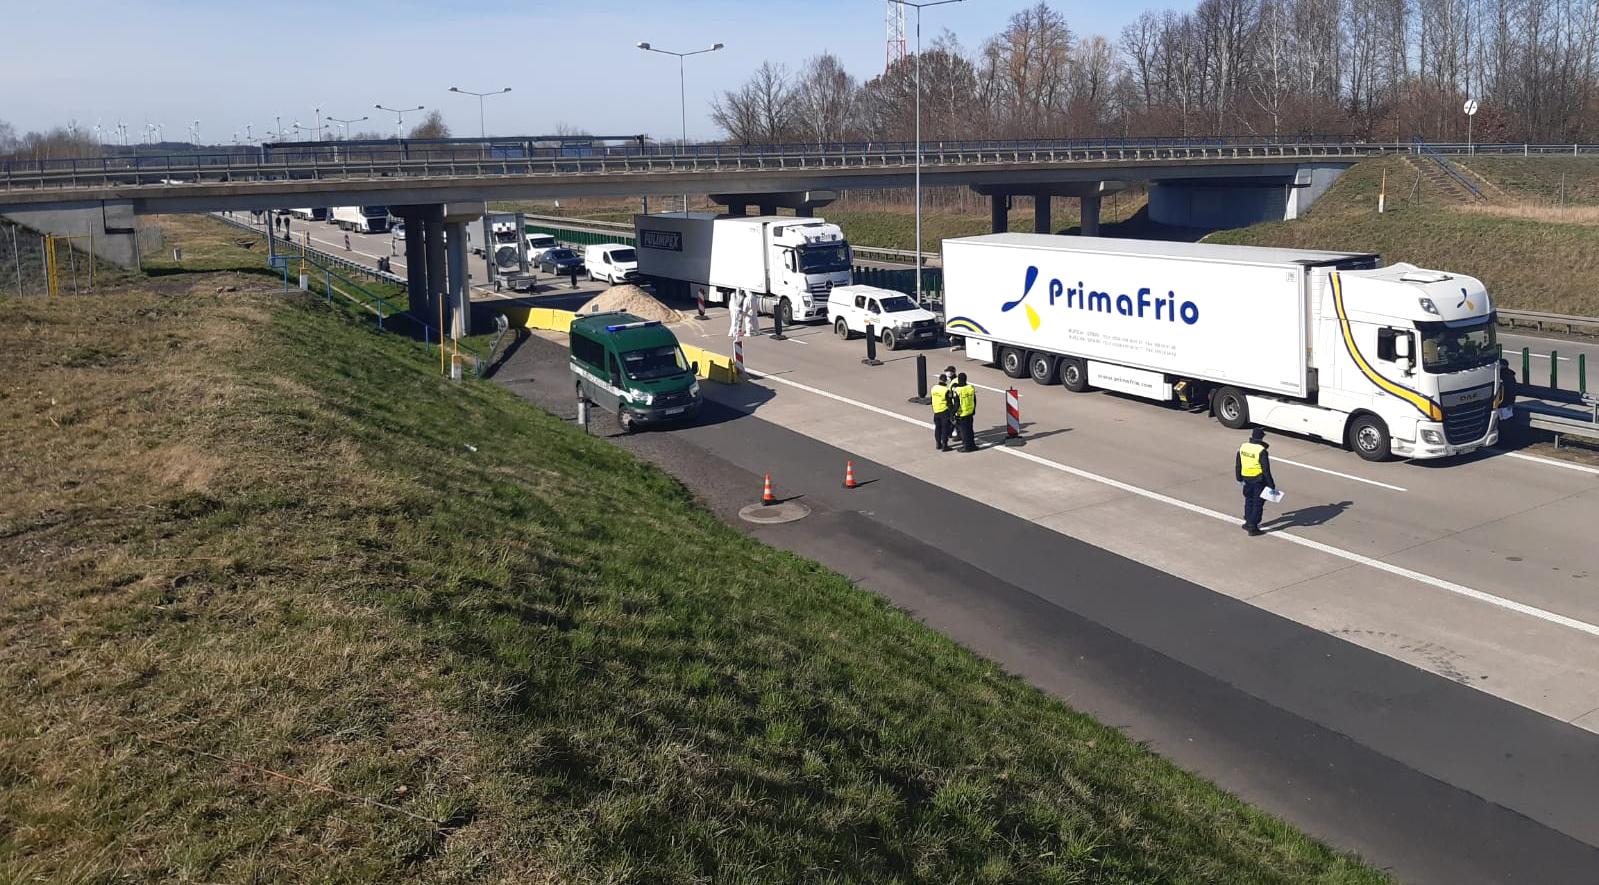 Bruksela chce zamknąć granice UE, ale przewozy towarowe mają dostać priorytet   Francja zamyka we wtorek granice